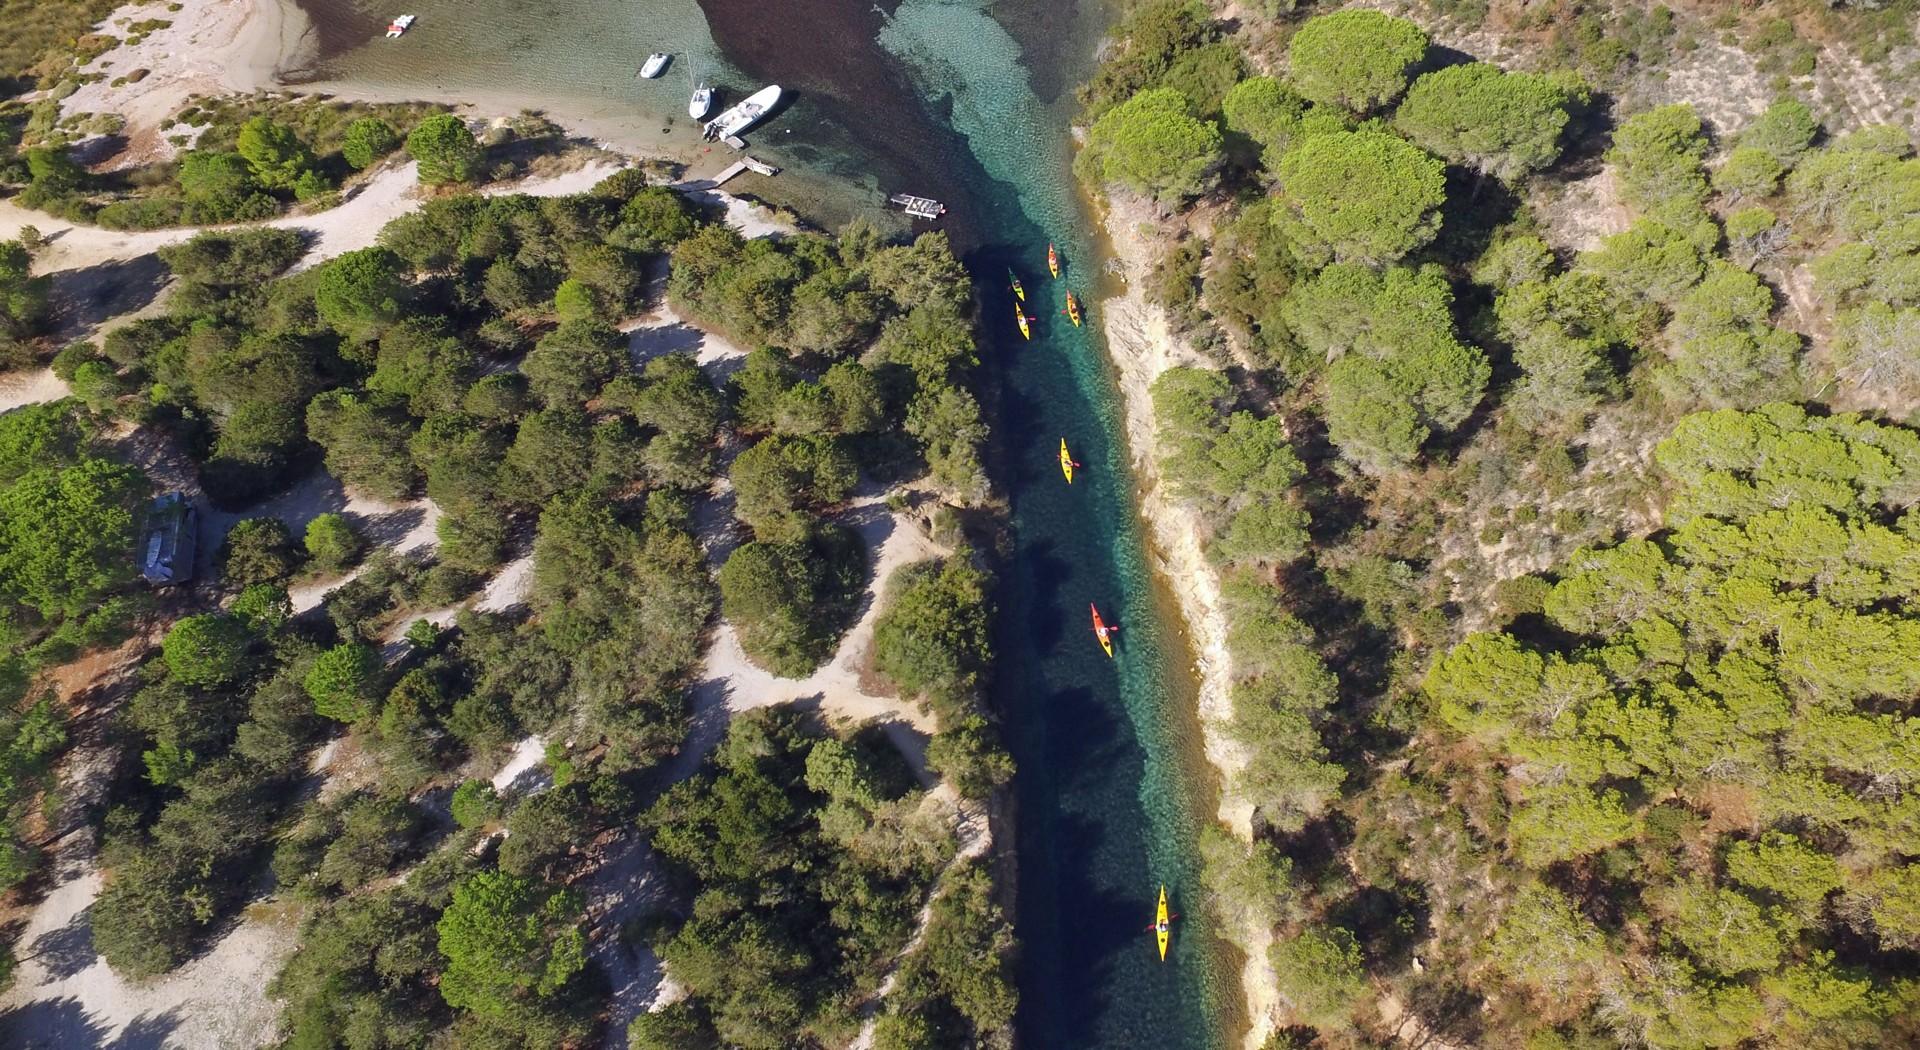 Spiaggia sa Curcurica - sea kayaking aerial shot4.jpg - Sardinia - Wilderness Blue Sea Kayaking - Kayaking